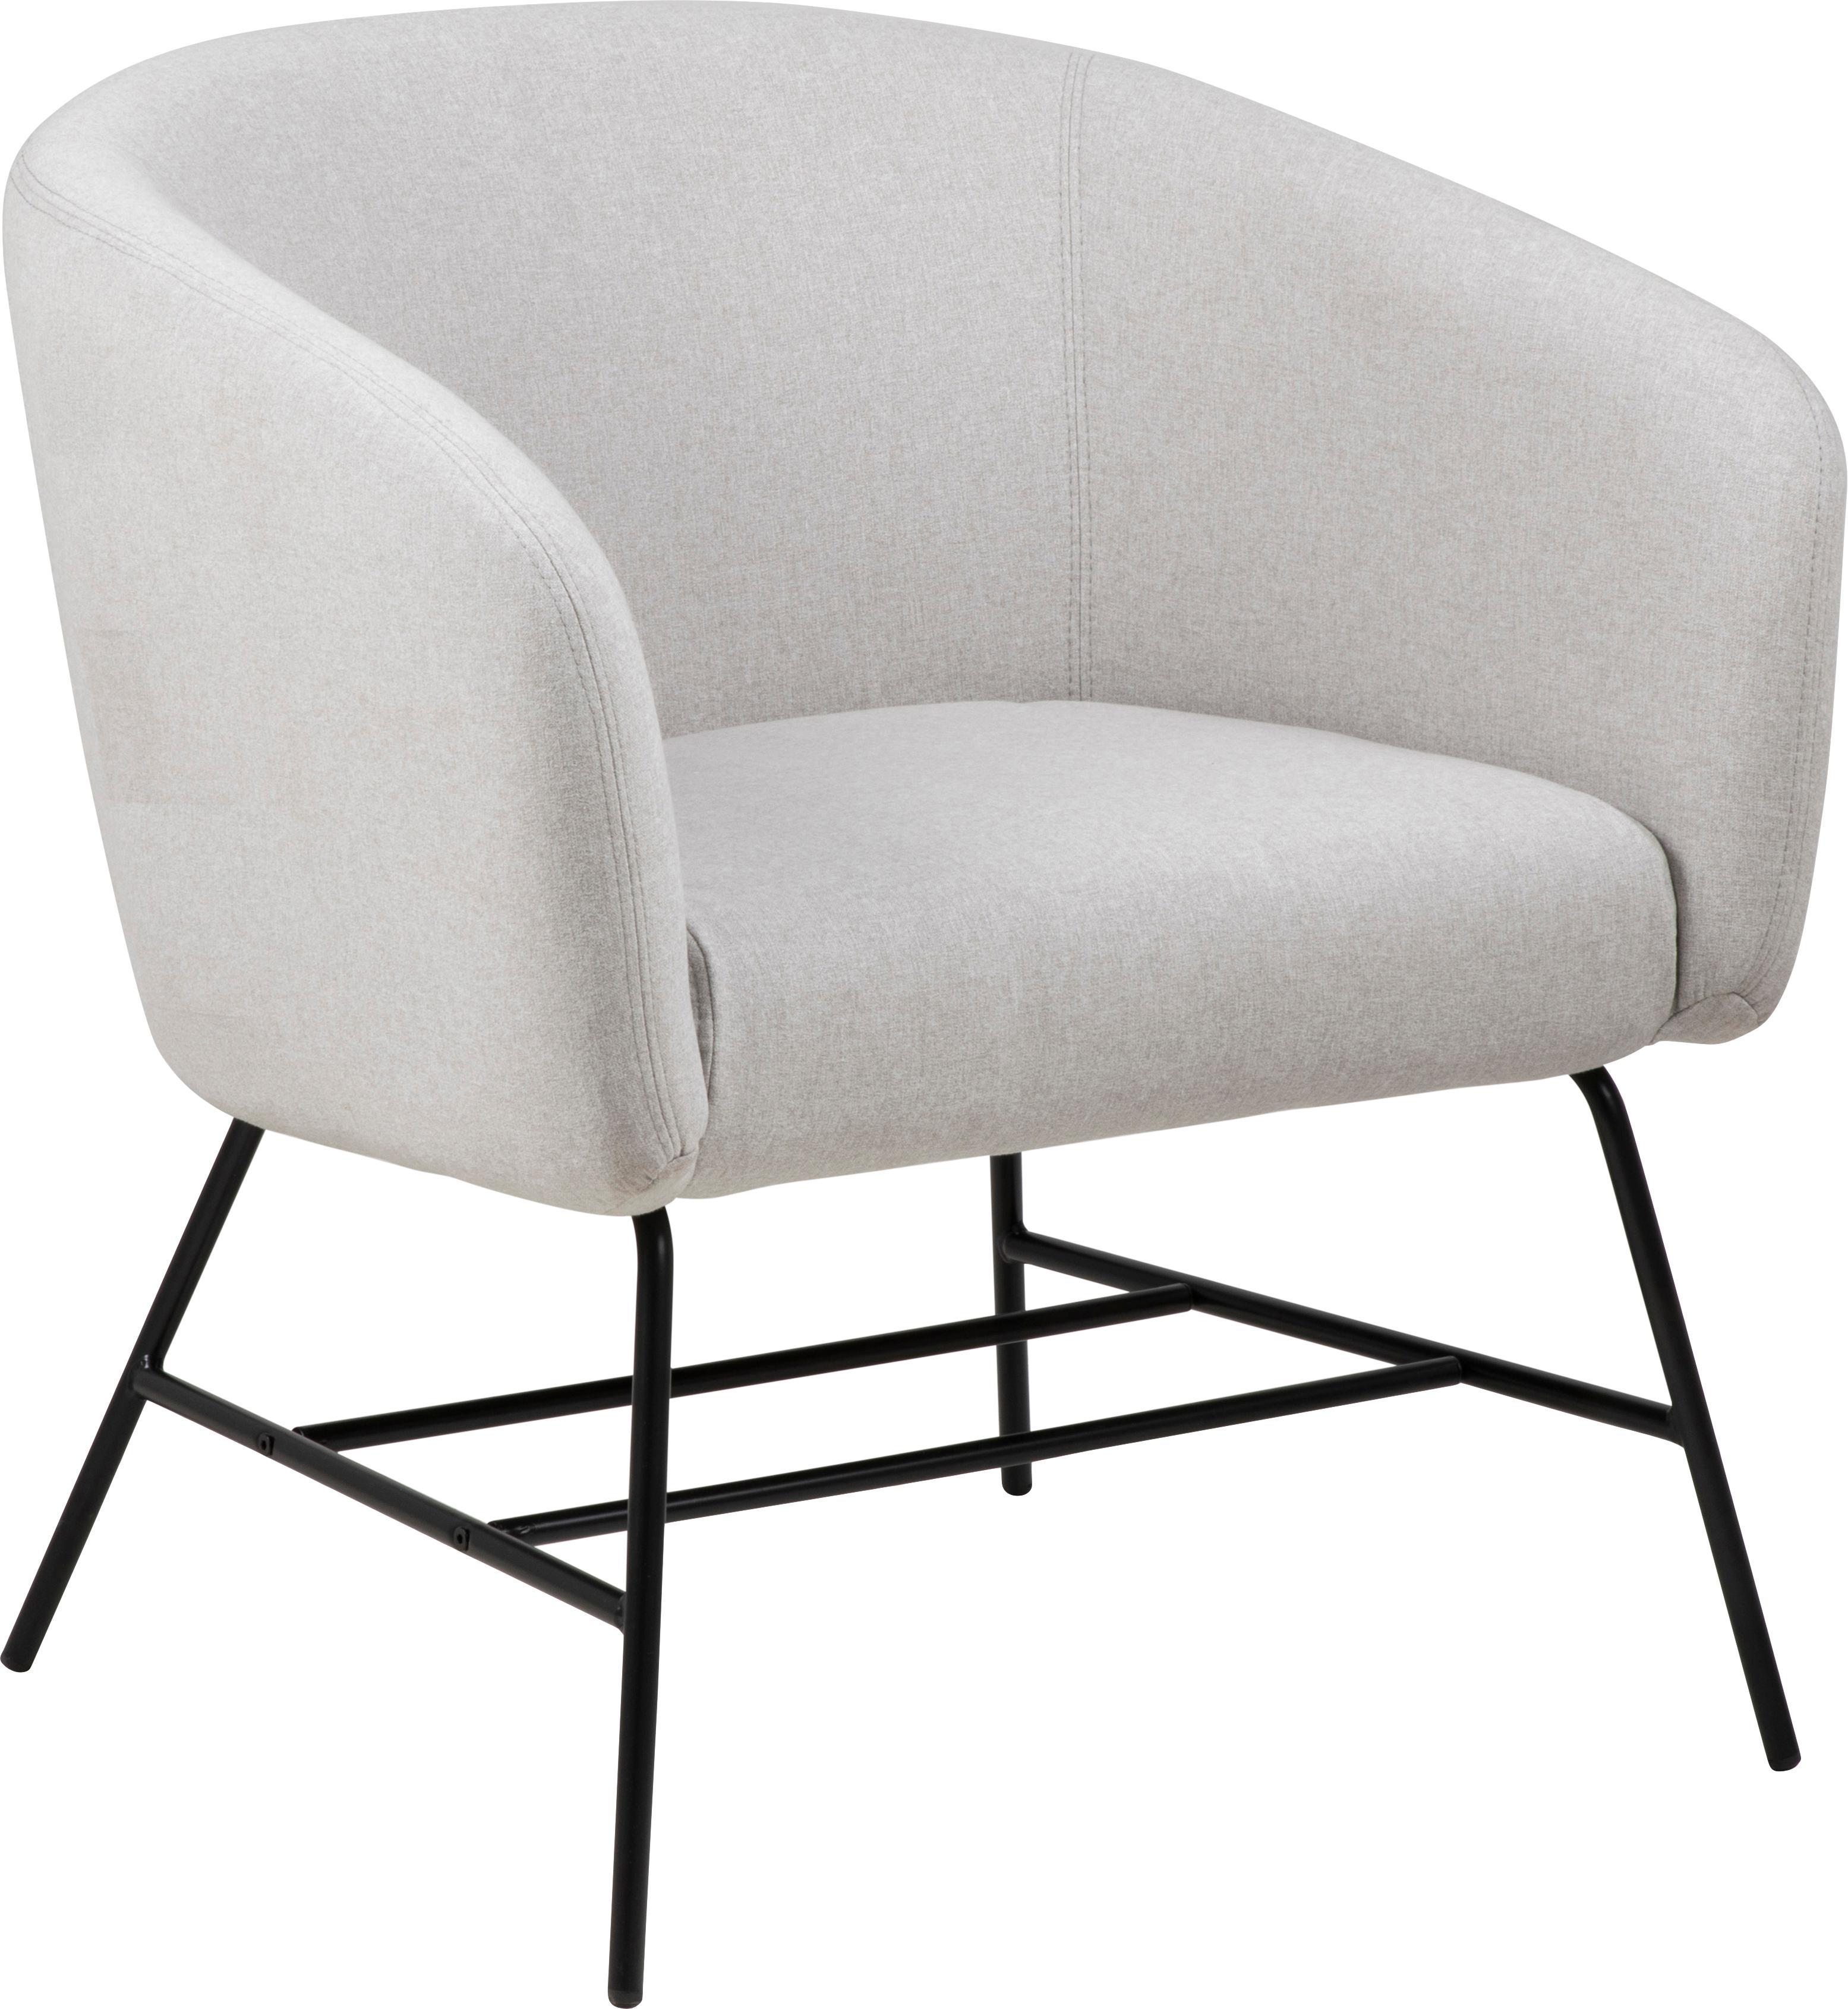 Moderne fauteuil Ramsey in lichtgrijs, Bekleding: polyester, Poten: gepoedercoat metaal, Geweven stof lichtgrijs, B 72 x D 67 cm